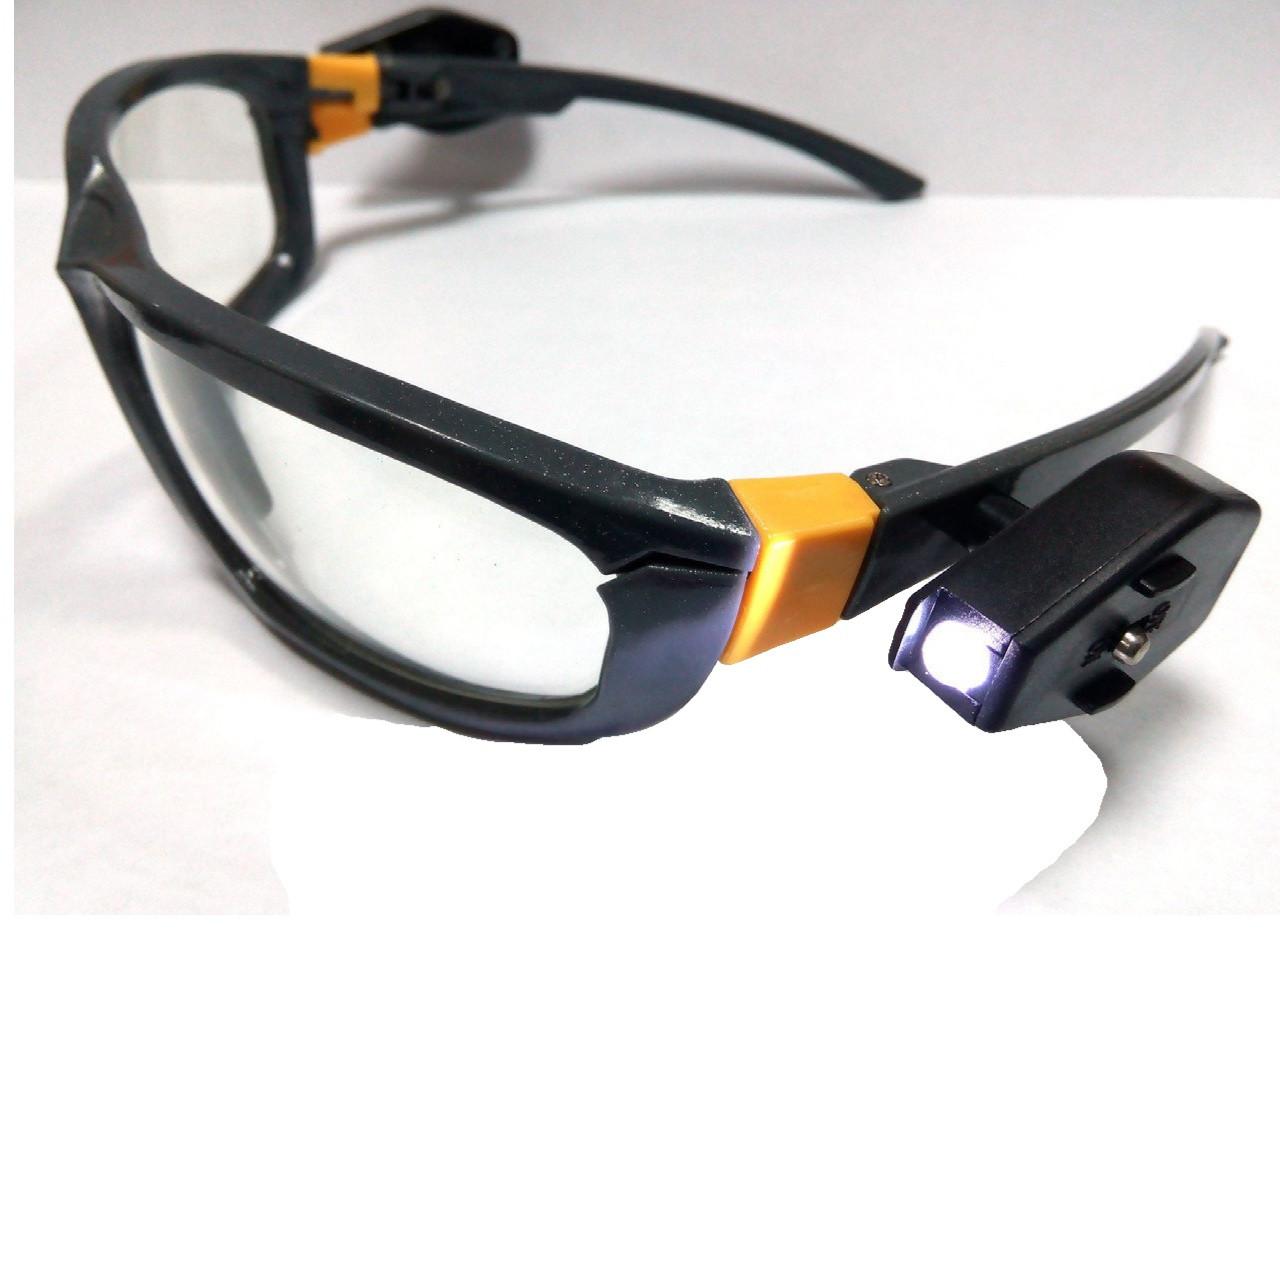 Окуляри захисні з ліхтариками